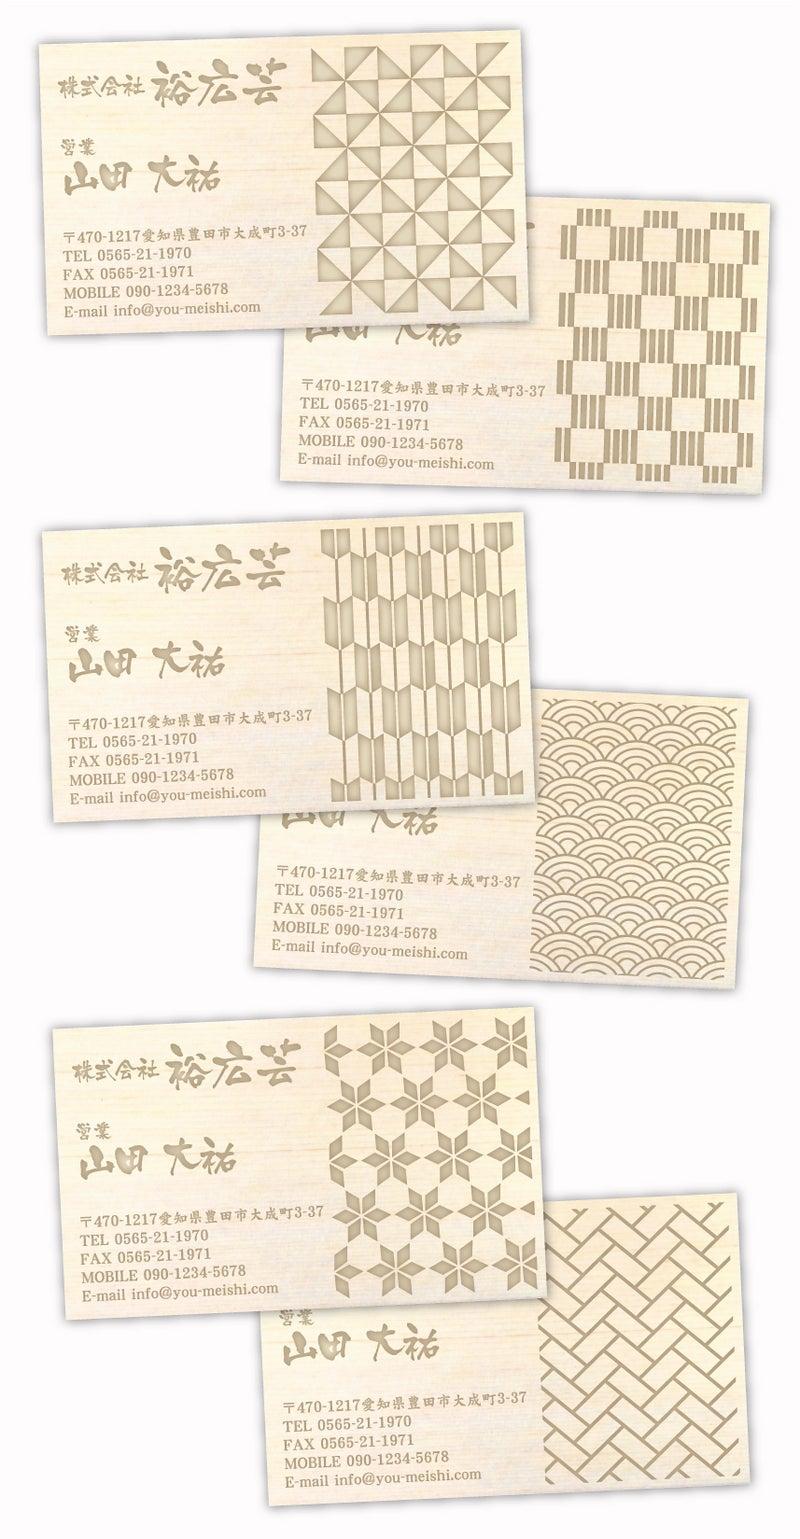 木の名刺 和柄 和柄名刺 和風名刺 名刺デザイン おしゃれな名刺 ウッドデザイン